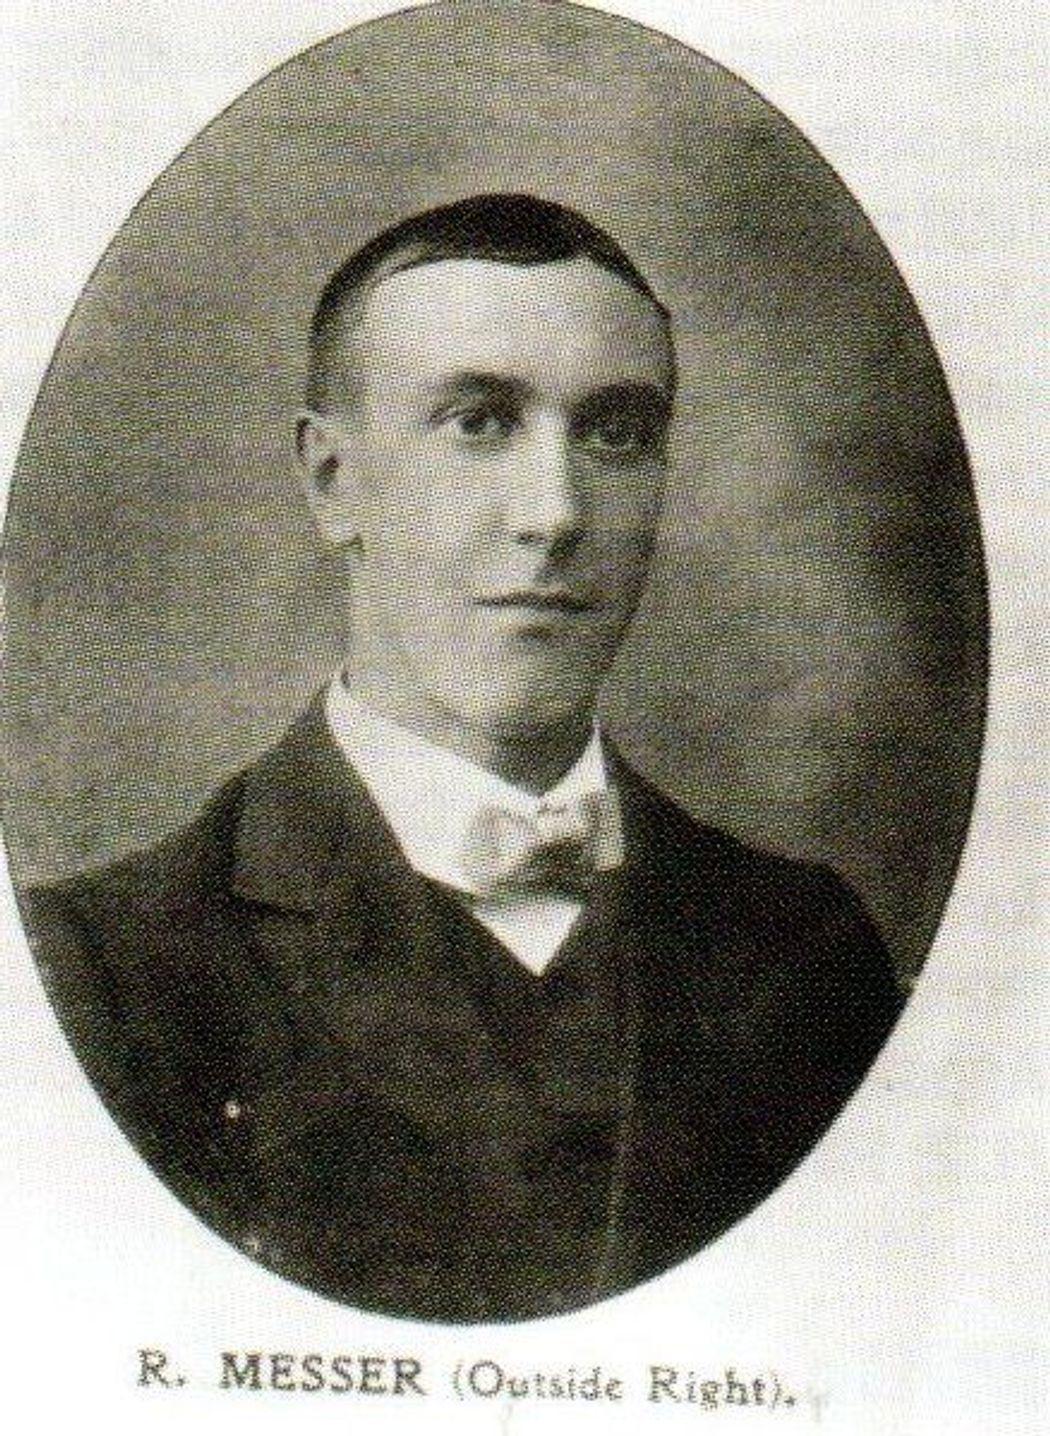 Robert Messer